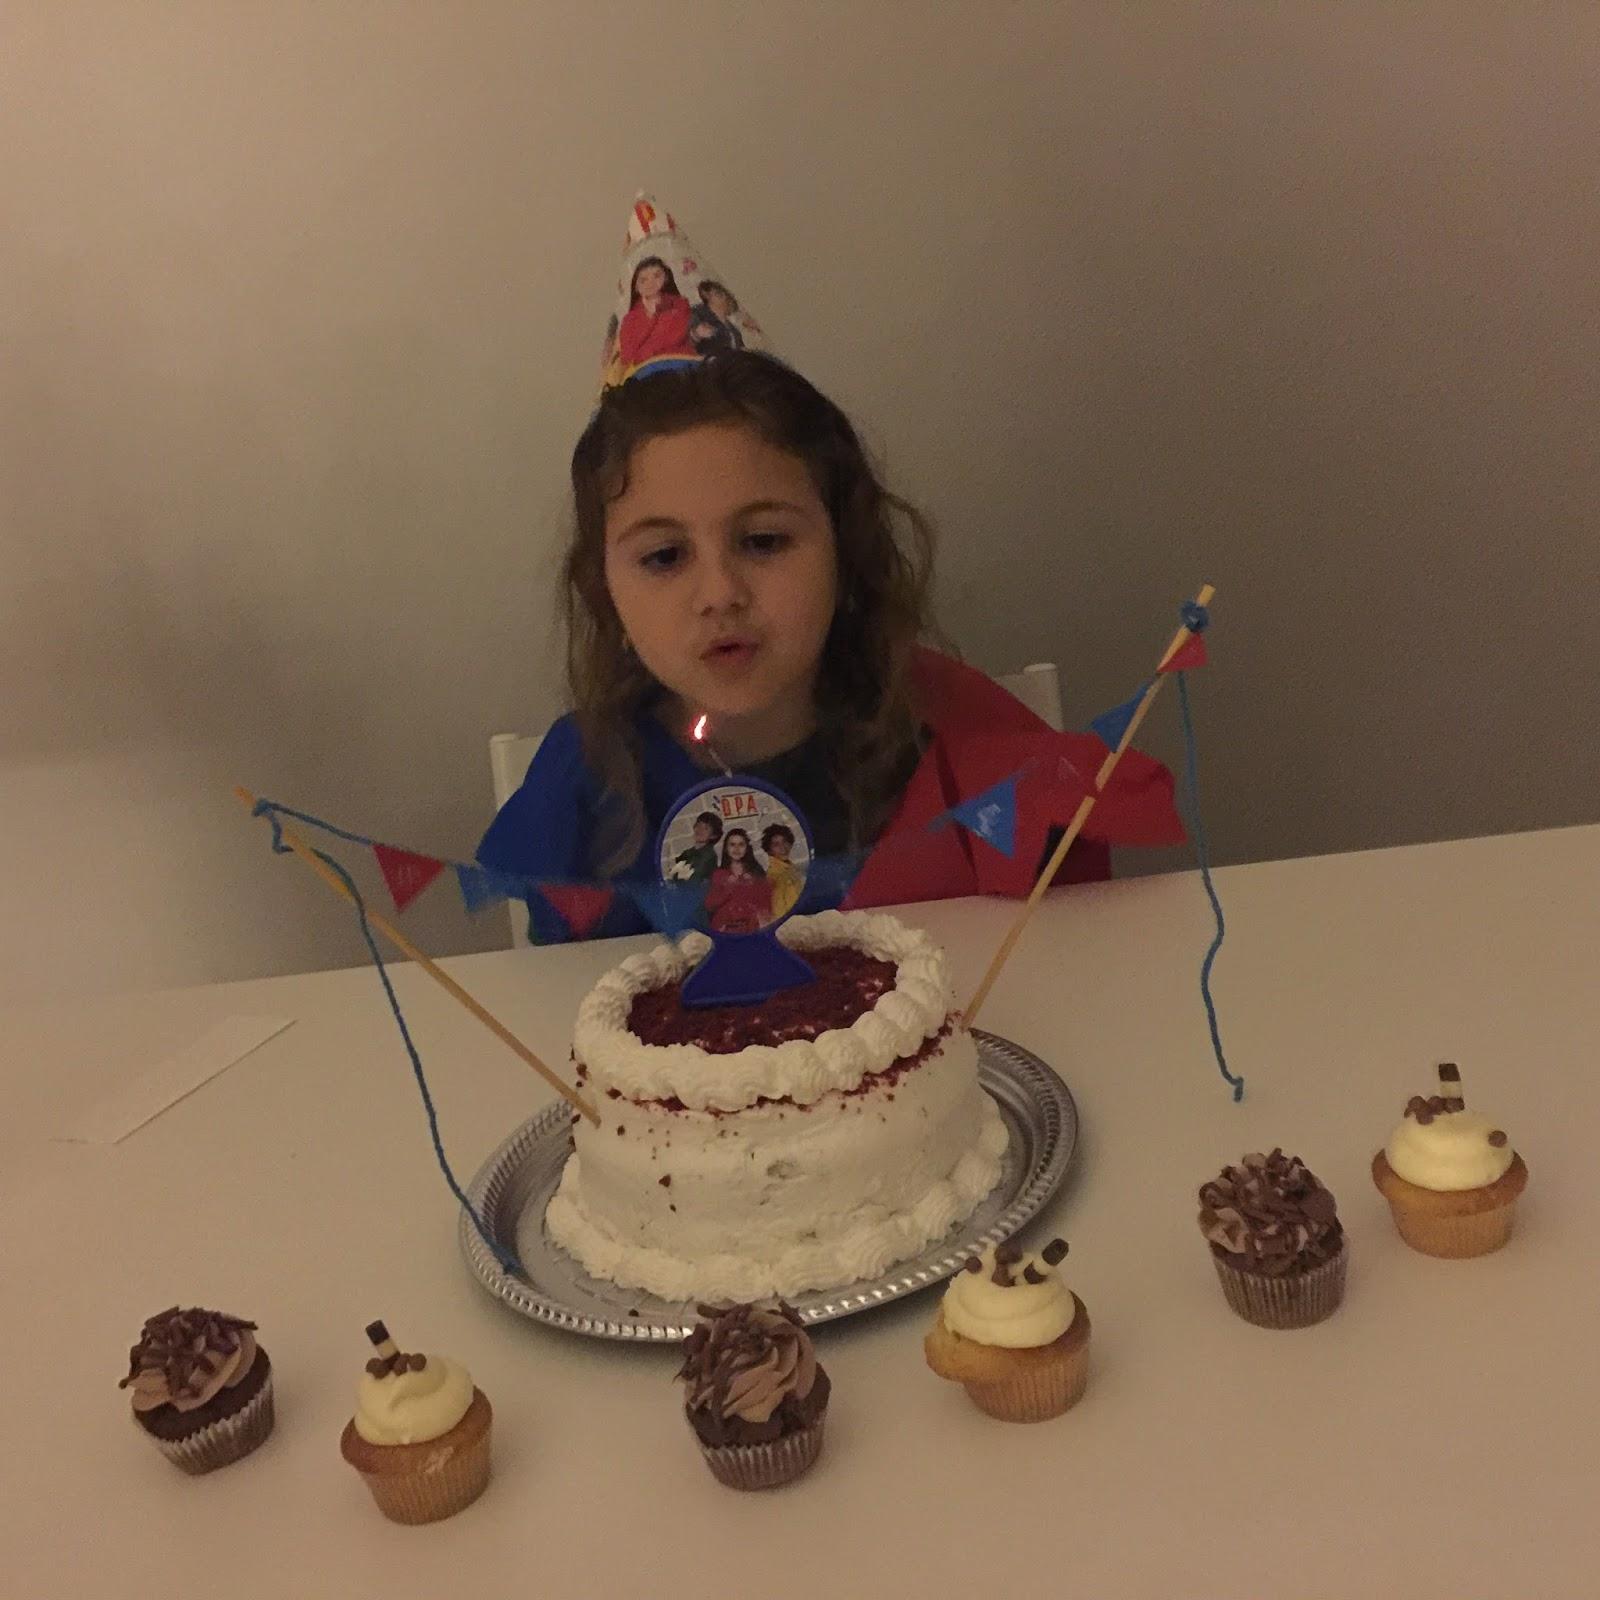 festa #GatocaFaz7 tema D.P.A. - Detetives do Prédio Azul bolo red velvet /cupcakes Sugar Bakery Curitiba ... blog Mamãe de Salto, todos os direitos reservados